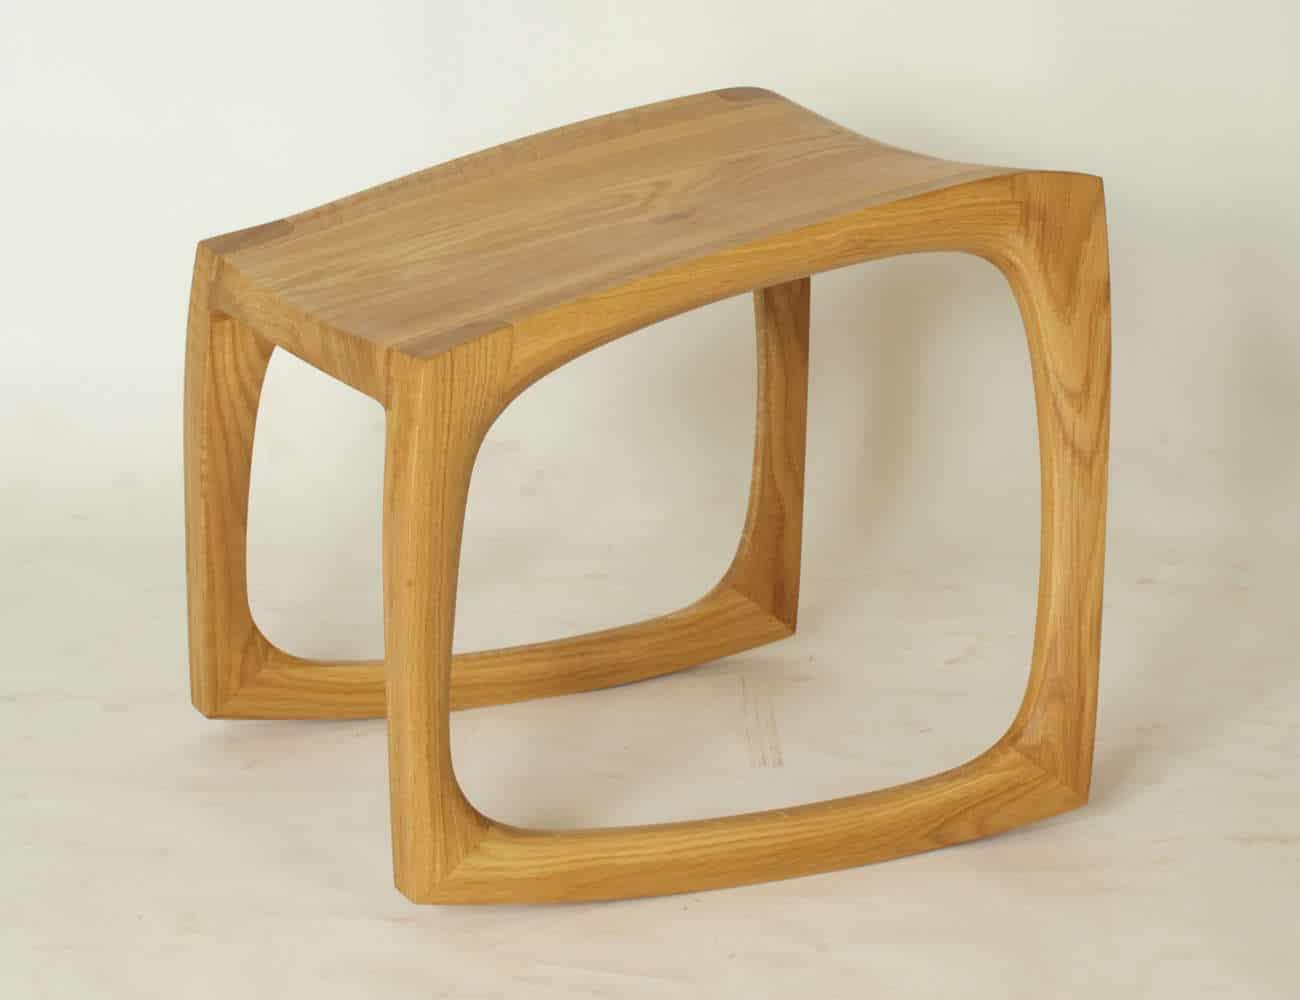 Fusshocker aus Holz, Modellauswahl